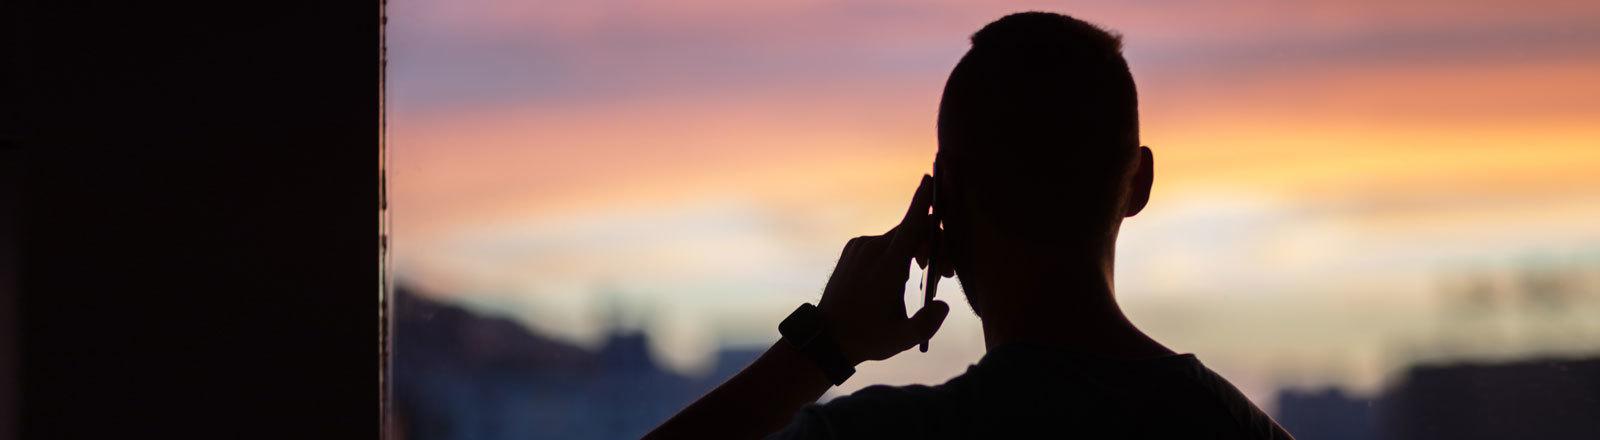 Ein Mann telefoniert mit seinem Smartphone